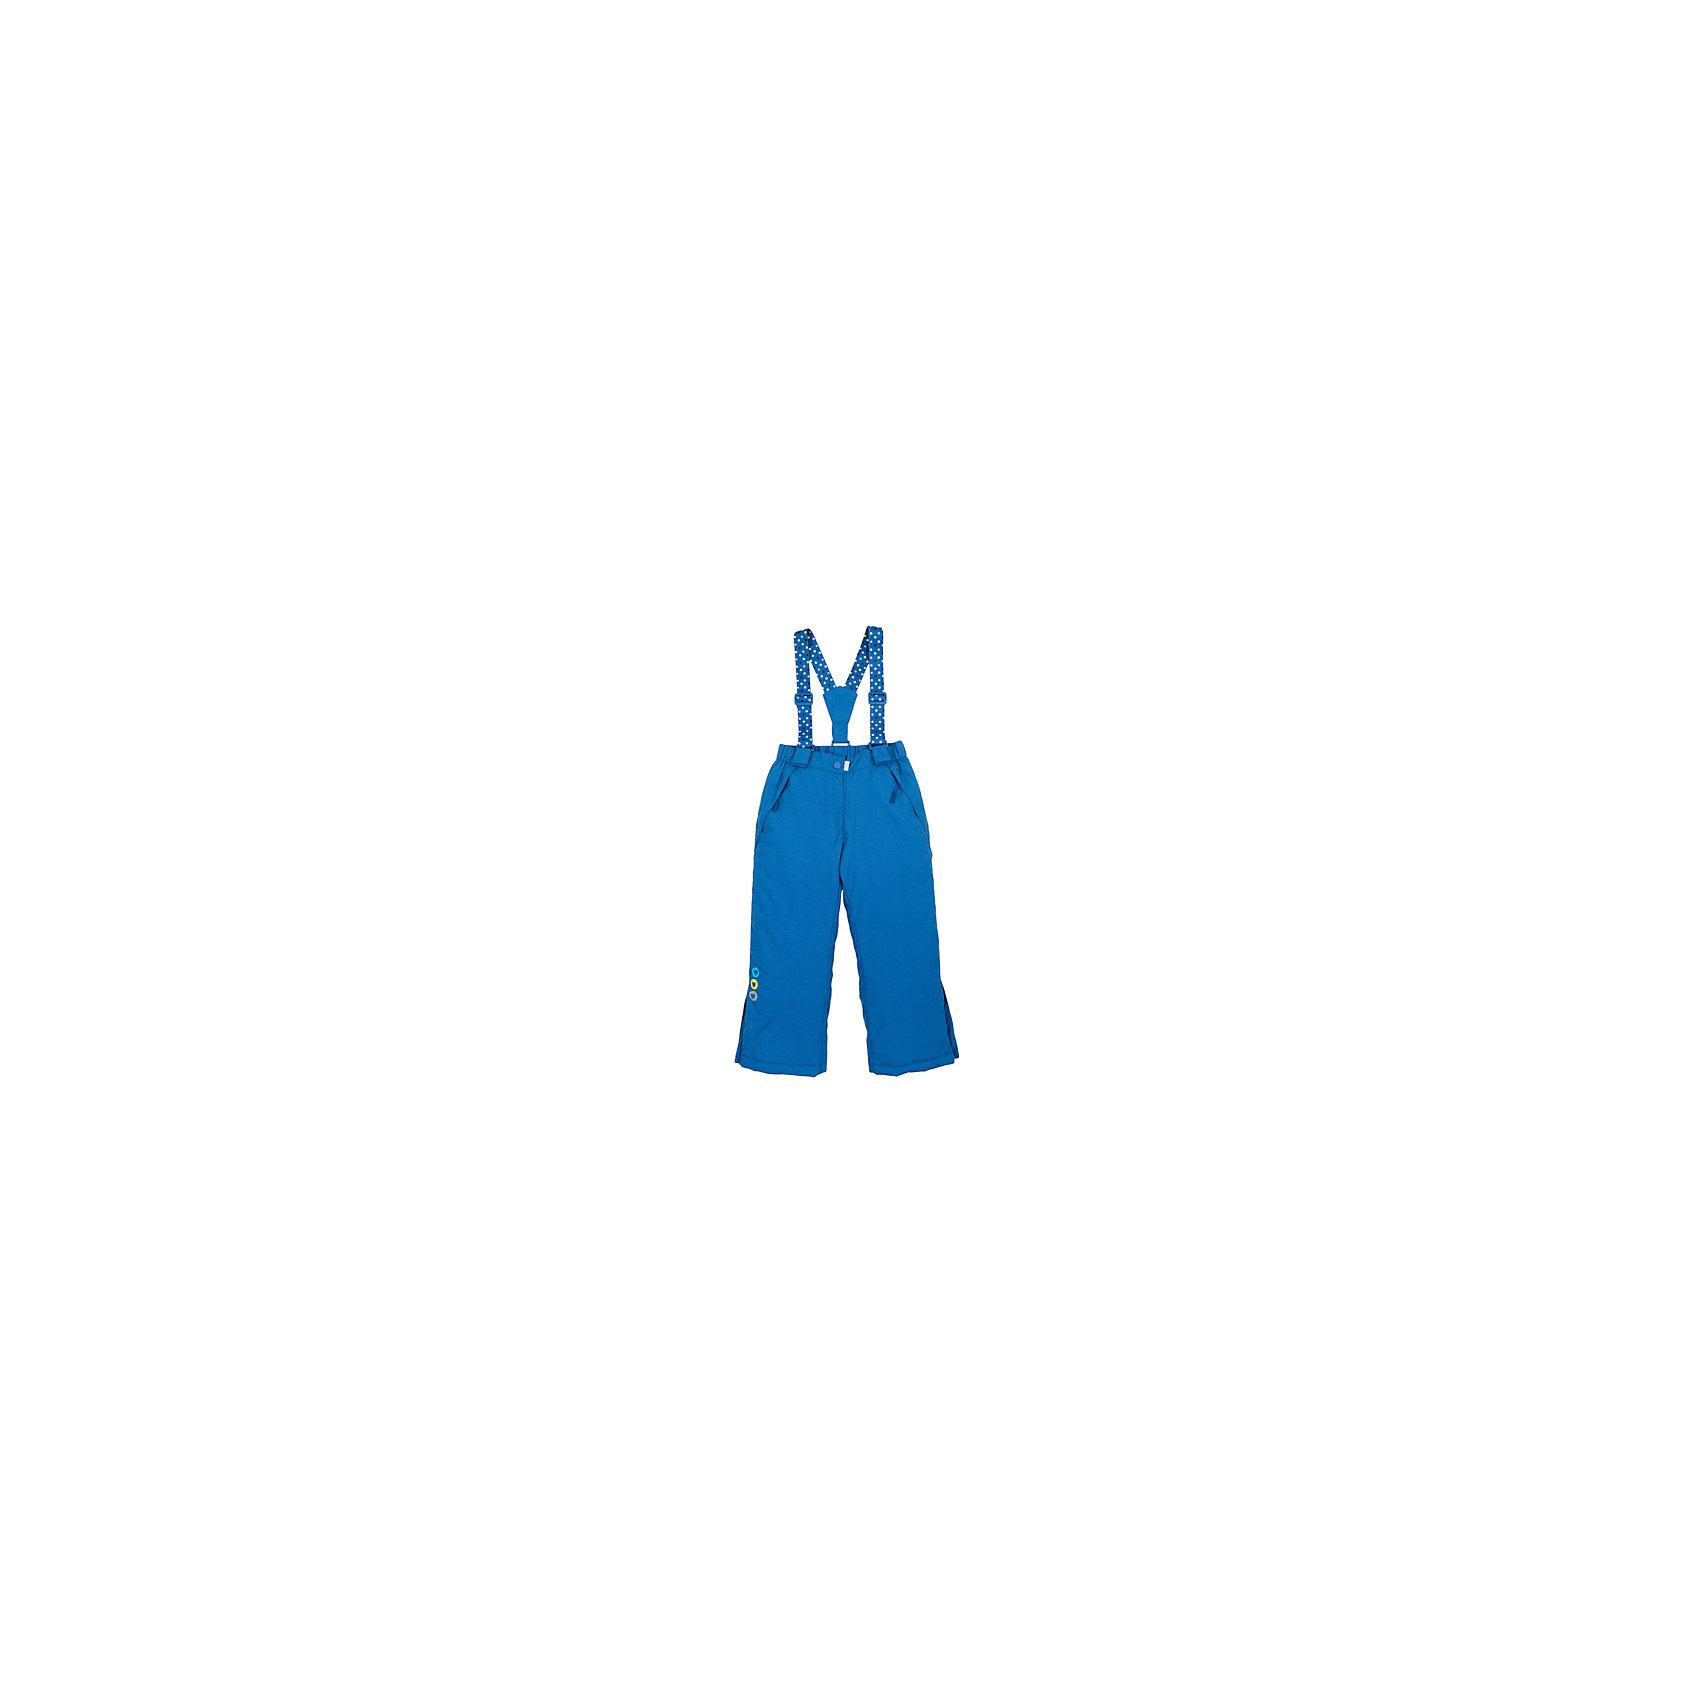 Полукомбинезон для девочки PlayTodayВерхняя одежда<br>Полукомбинезон для девочки от известного бренда PlayToday.<br>Яркий полукомбинезон на уютной флисовой подкладке. Фишка модели - эластичные бретели с цветным принтом в горошек, которые удобно регулируются по длине. Застегивается на молнию и кнопку. Низ штанишек на молнии, есть второй слой - снегозащита.<br>Состав:<br>Верх: 100% нейлон, подкладка: 100% полиэстер, наполнитель: 100% полиэстер, 150 г/м2<br><br>Ширина мм: 215<br>Глубина мм: 88<br>Высота мм: 191<br>Вес г: 336<br>Цвет: синий<br>Возраст от месяцев: 36<br>Возраст до месяцев: 48<br>Пол: Женский<br>Возраст: Детский<br>Размер: 104,128,116,98,110,122<br>SKU: 4898402